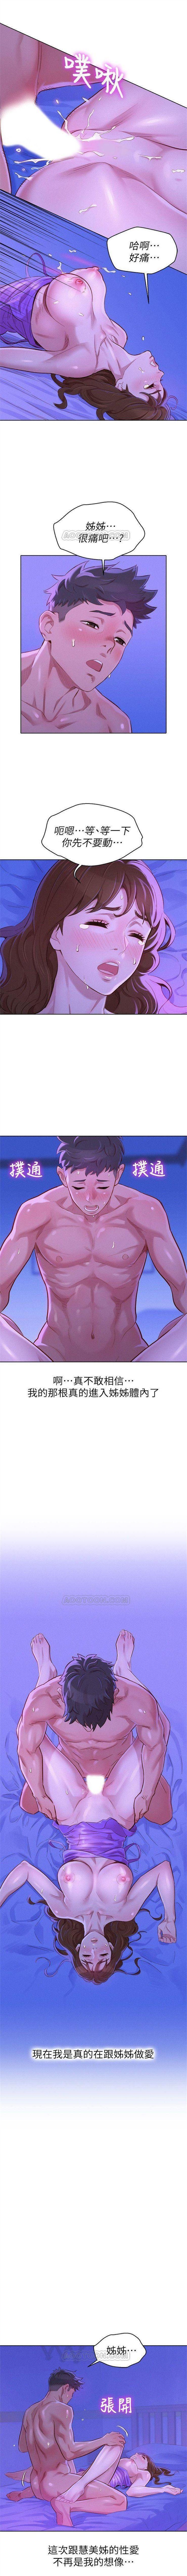 (周7)漂亮干姐姐  1-79 中文翻译 (更新中) 428